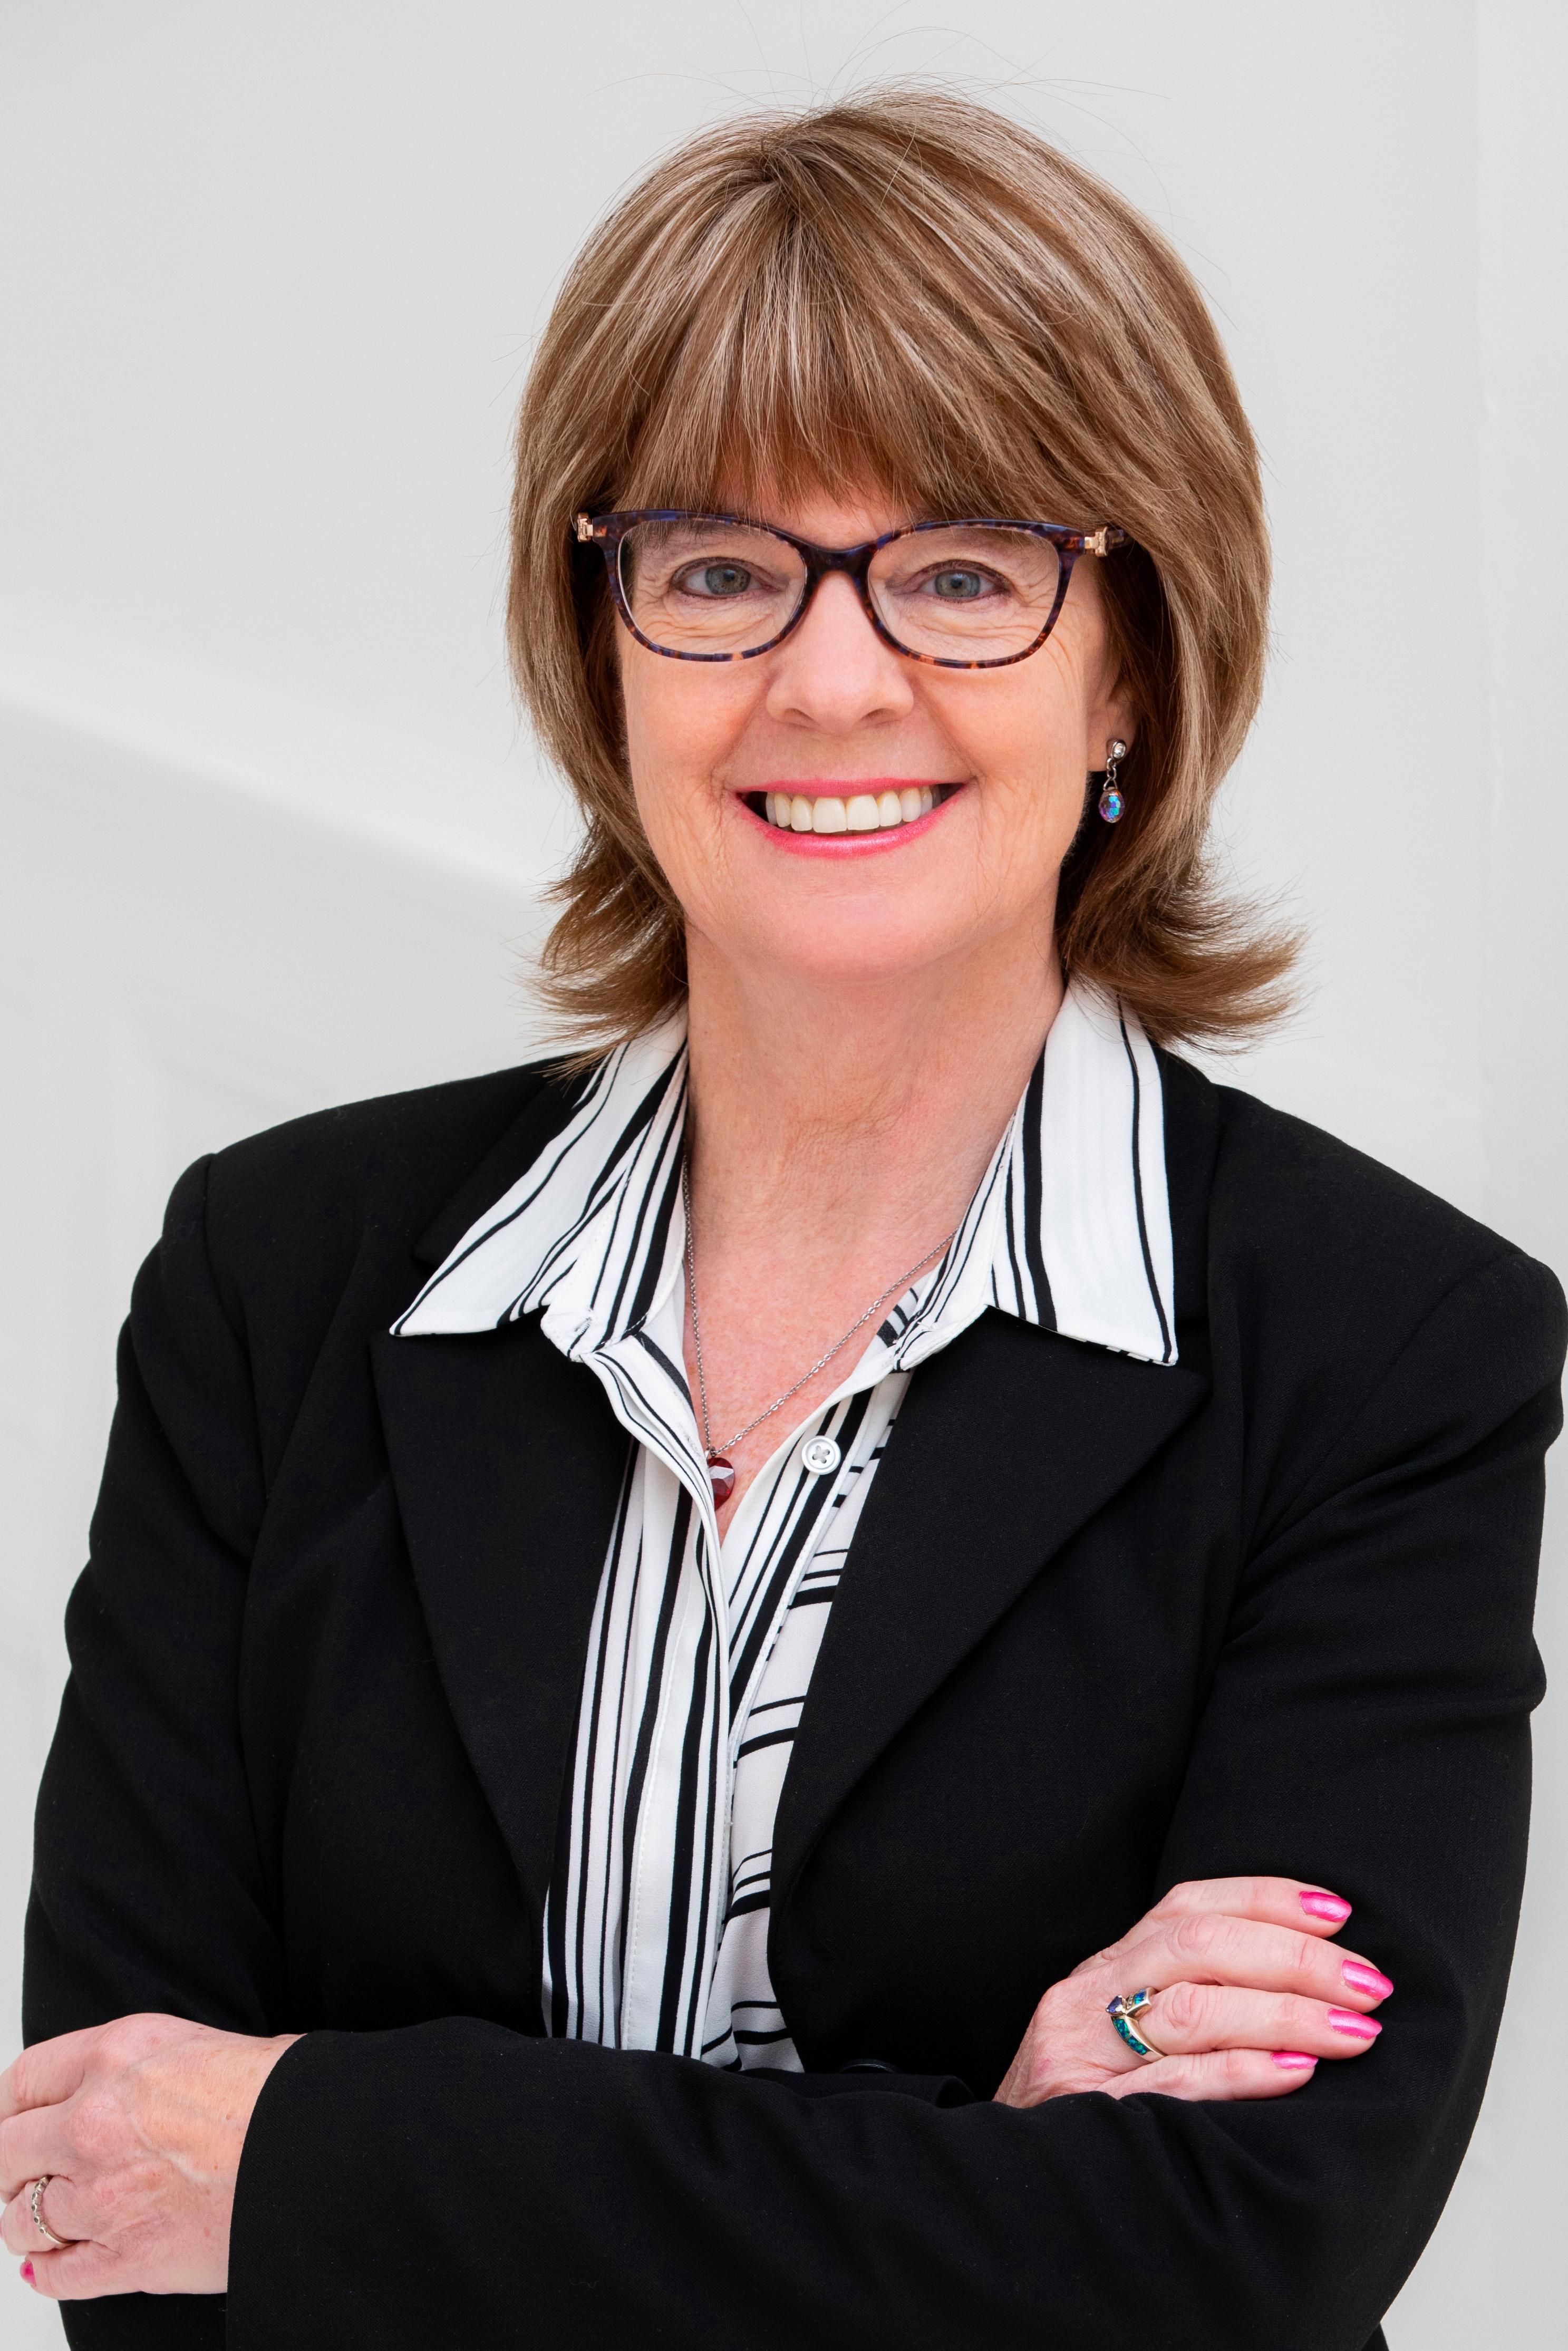 Martine Rainville